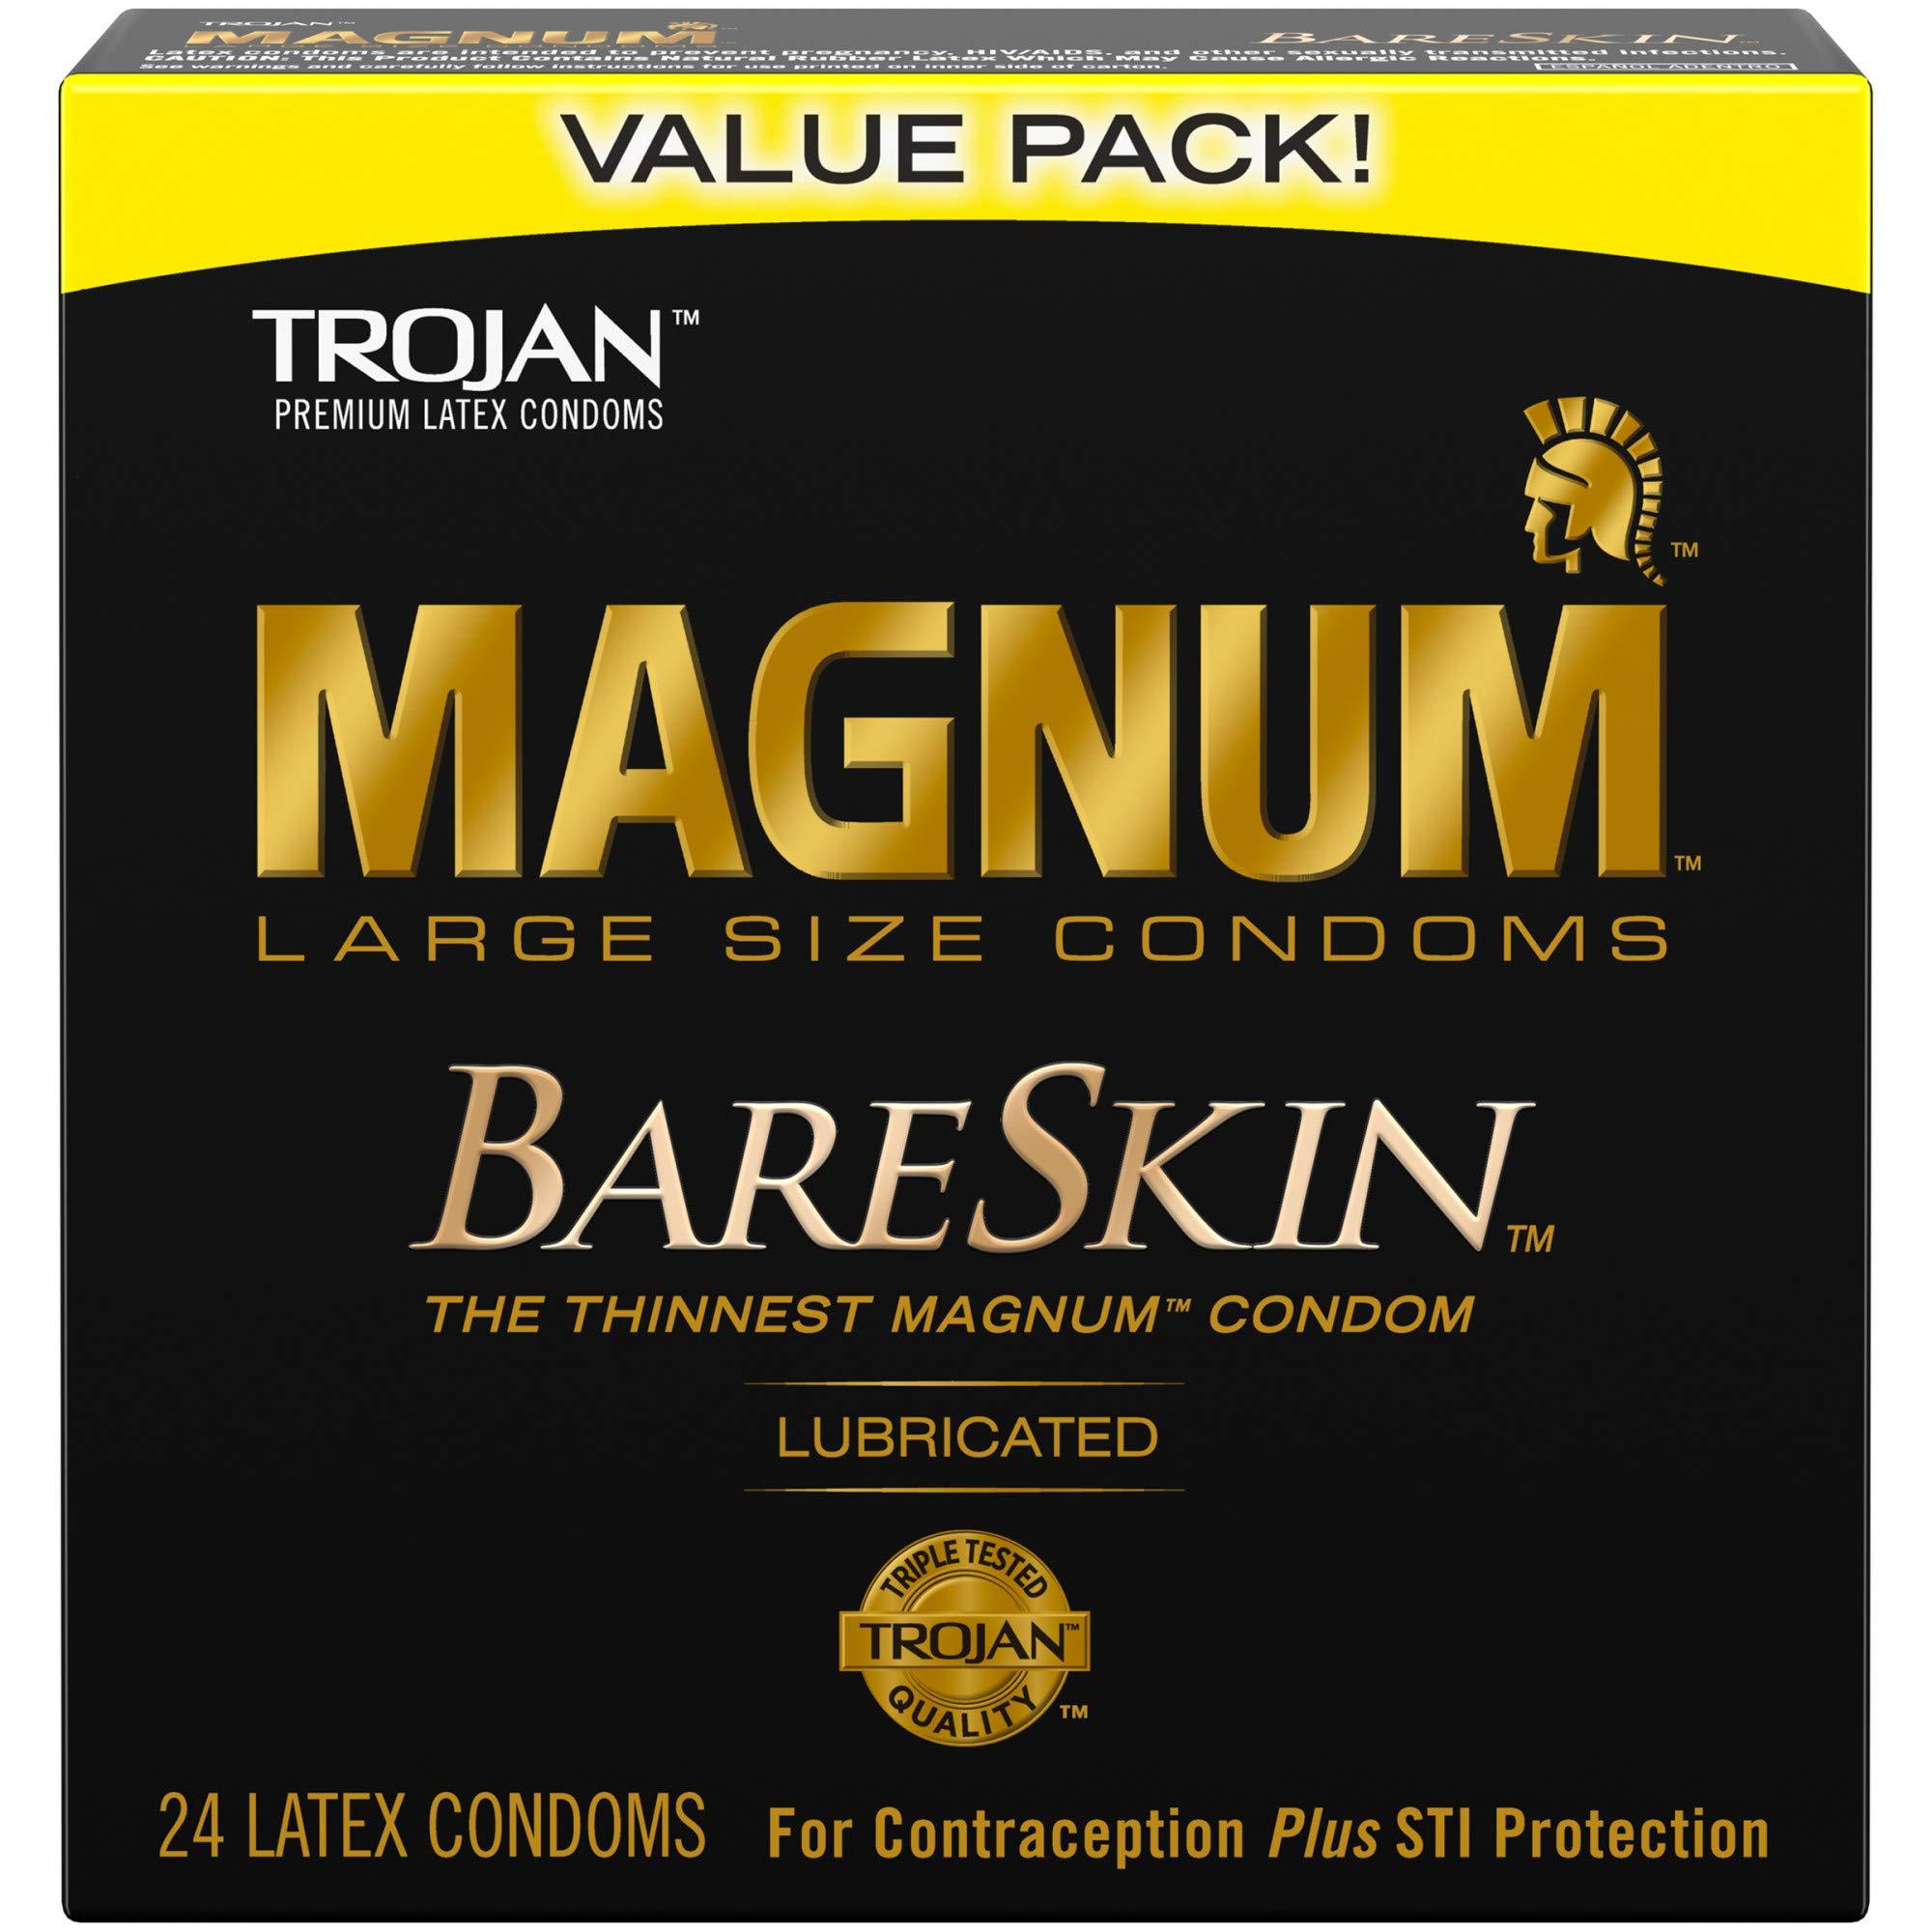 MAGNUM Bare Skin Condoms 24ct